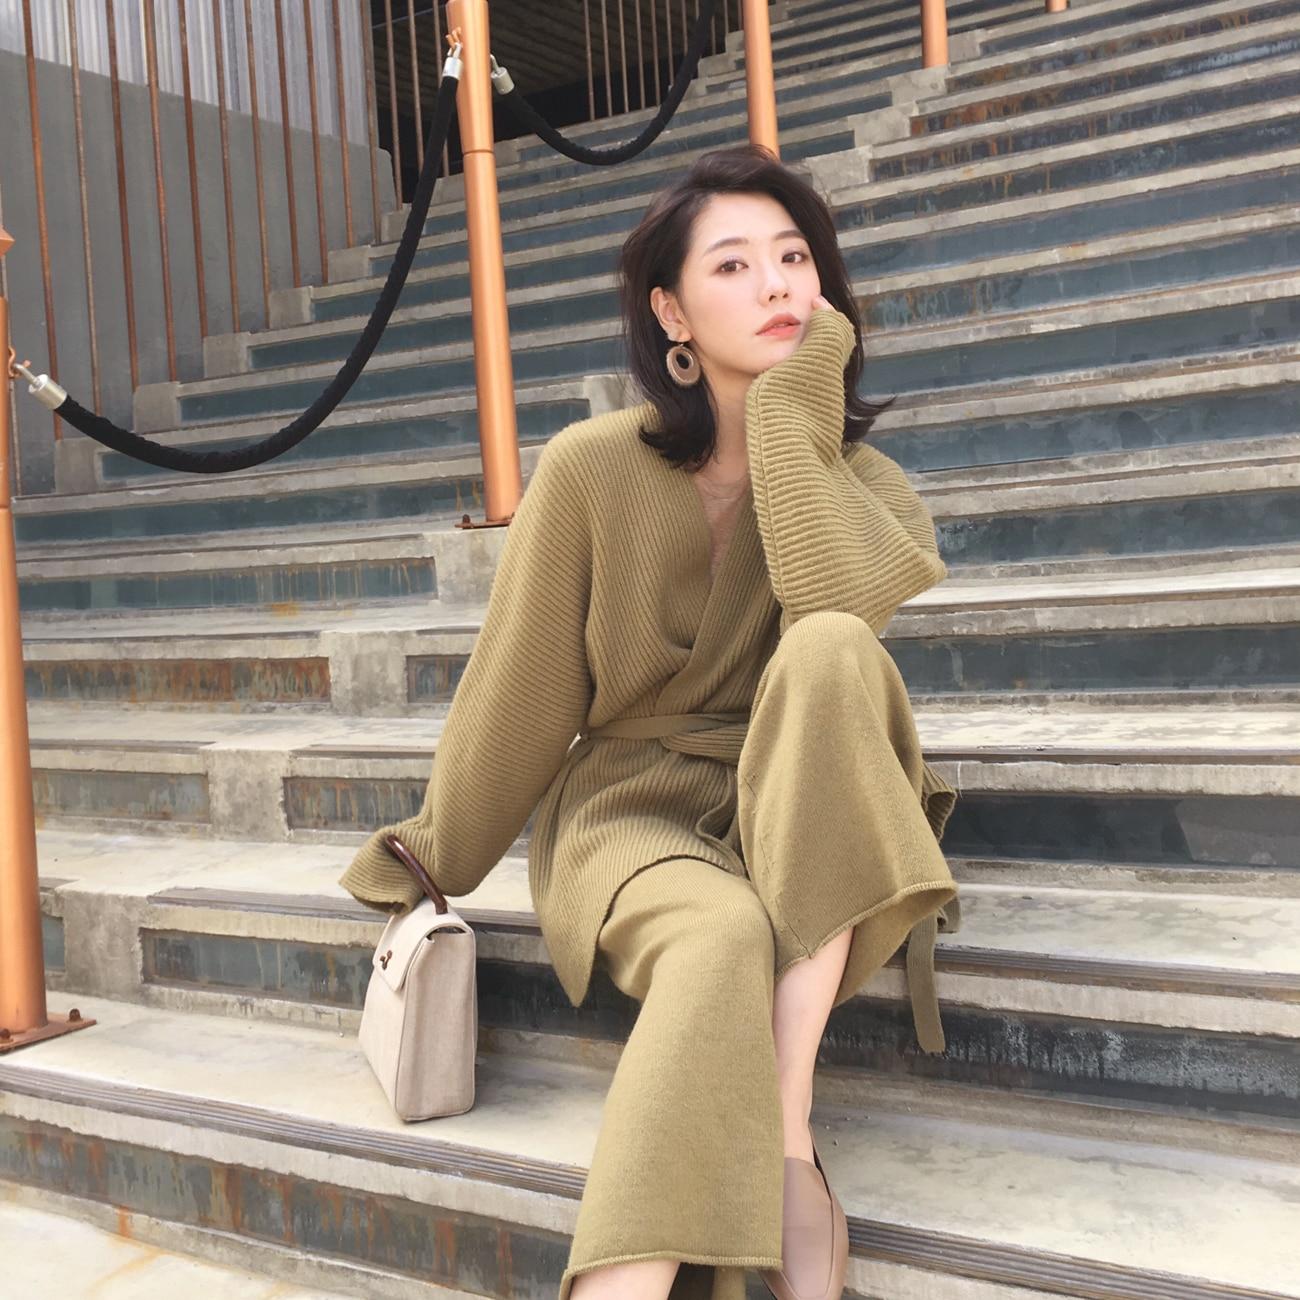 Style tricoté costume mode chandail cardigan taille haute jambes larges pantalons deux ensembles de femmes en automne et en hiver de 2018